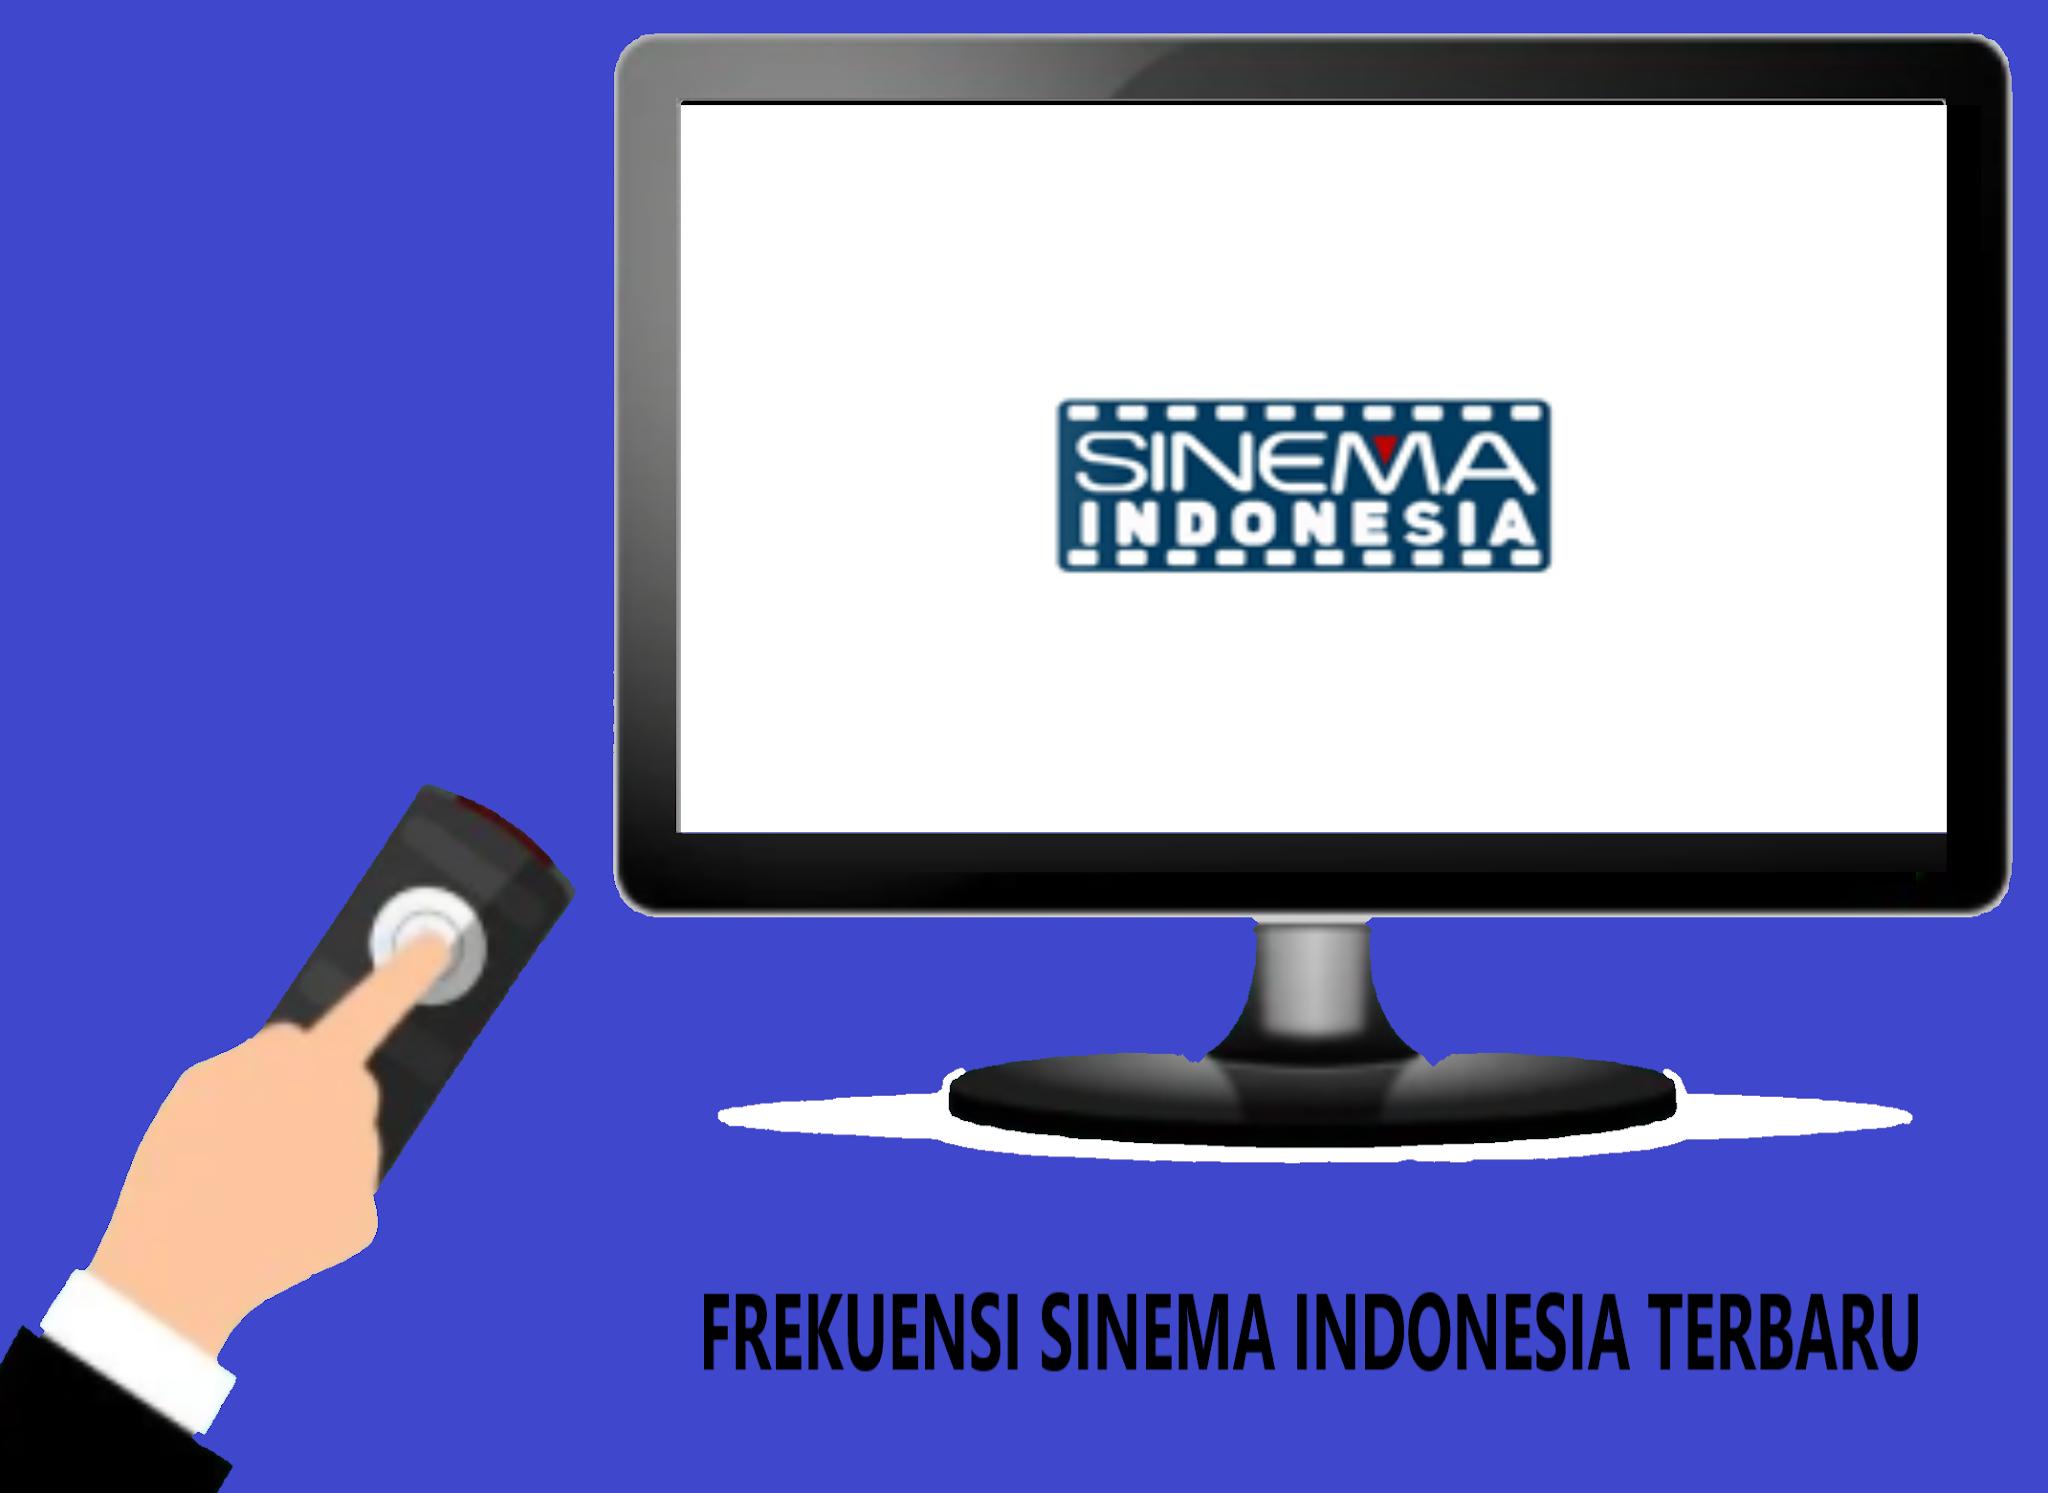 Frekuensi Sinema Indonesia Terbaru Di Telkom 4 Update 2020